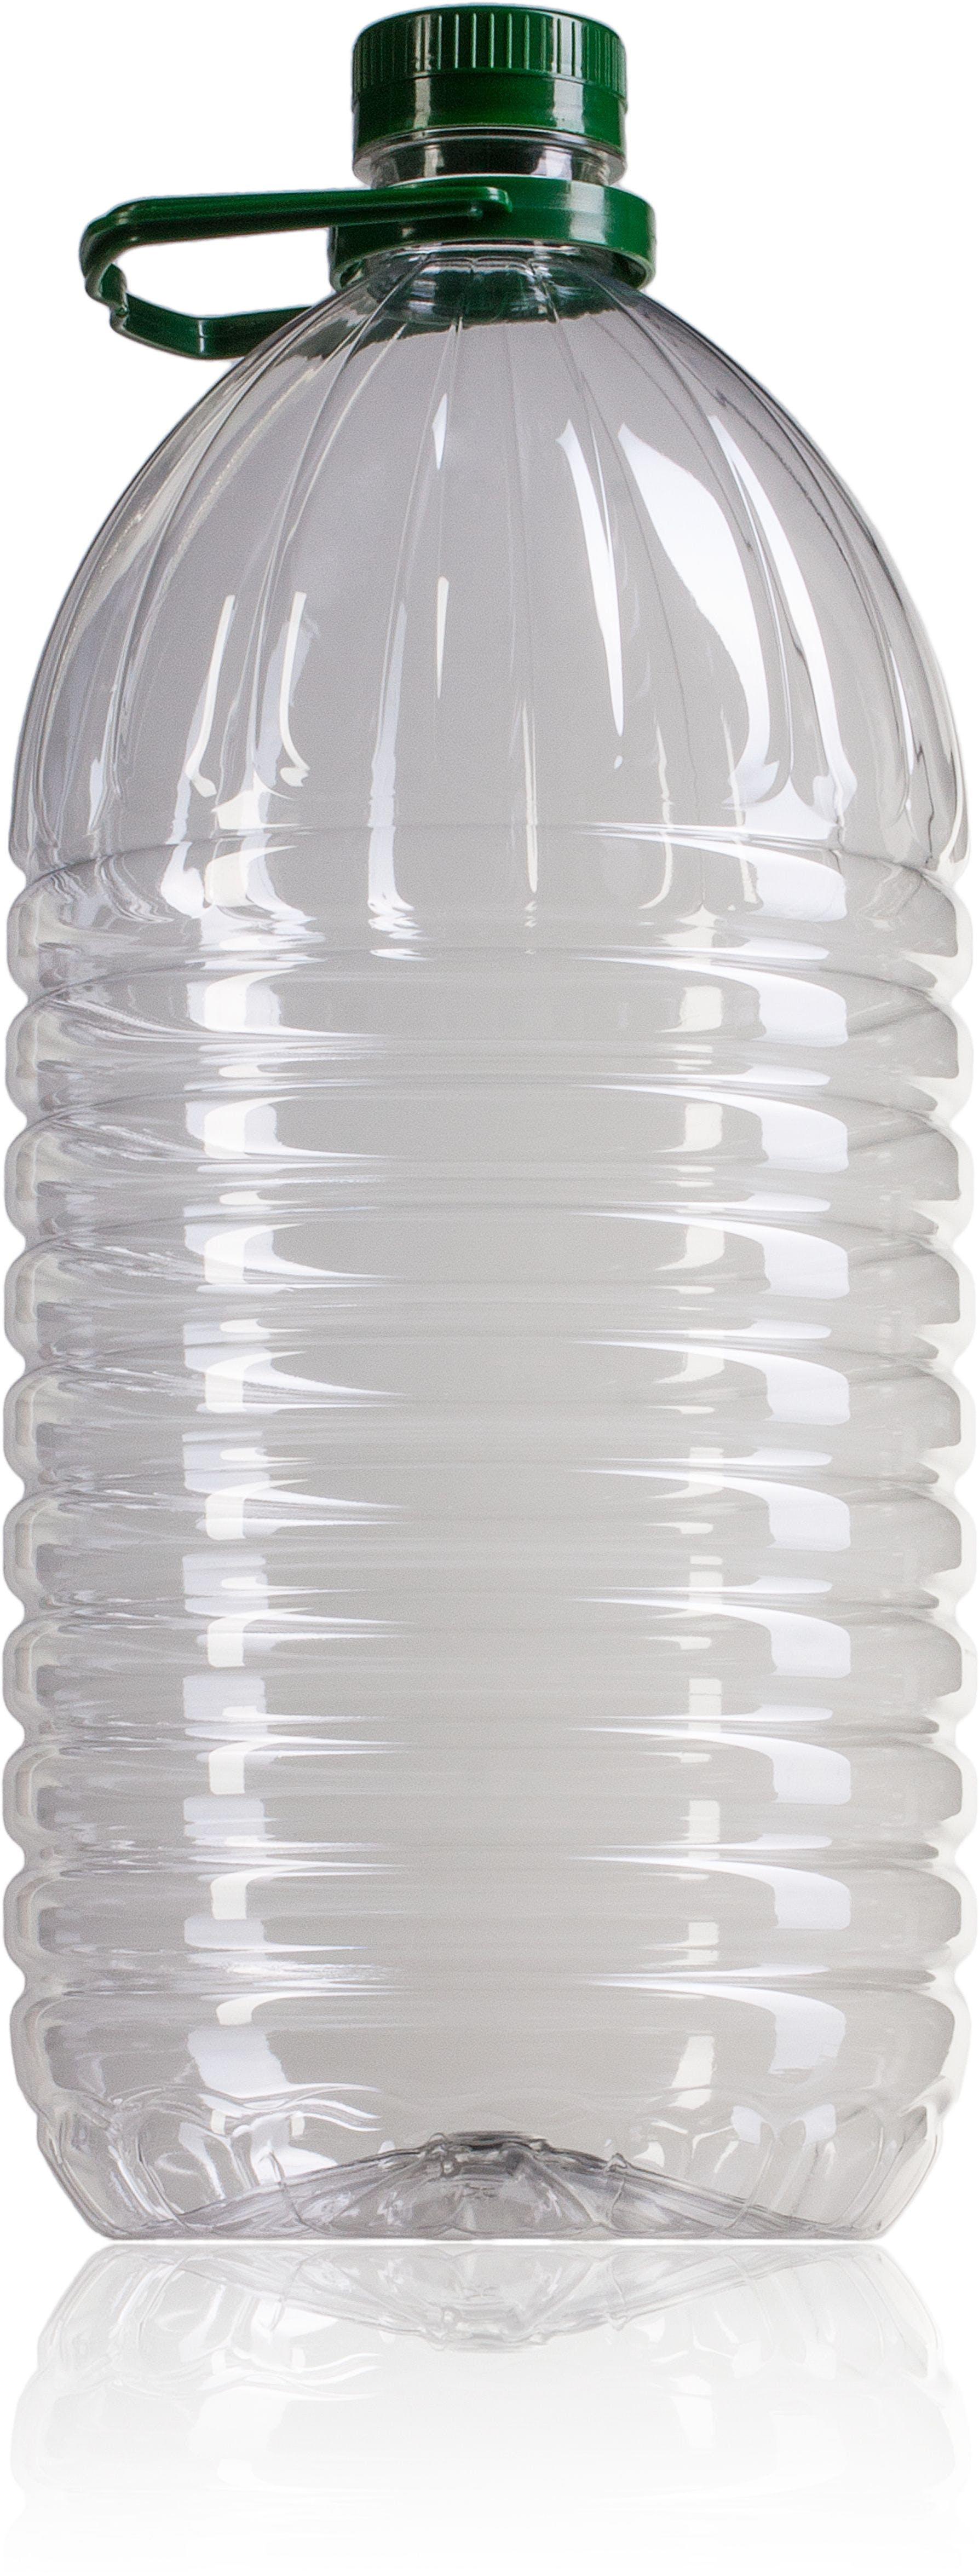 Garrafa PET 5 litros , Garrafas y bidones de plastico , Comprar Envases de plasticos